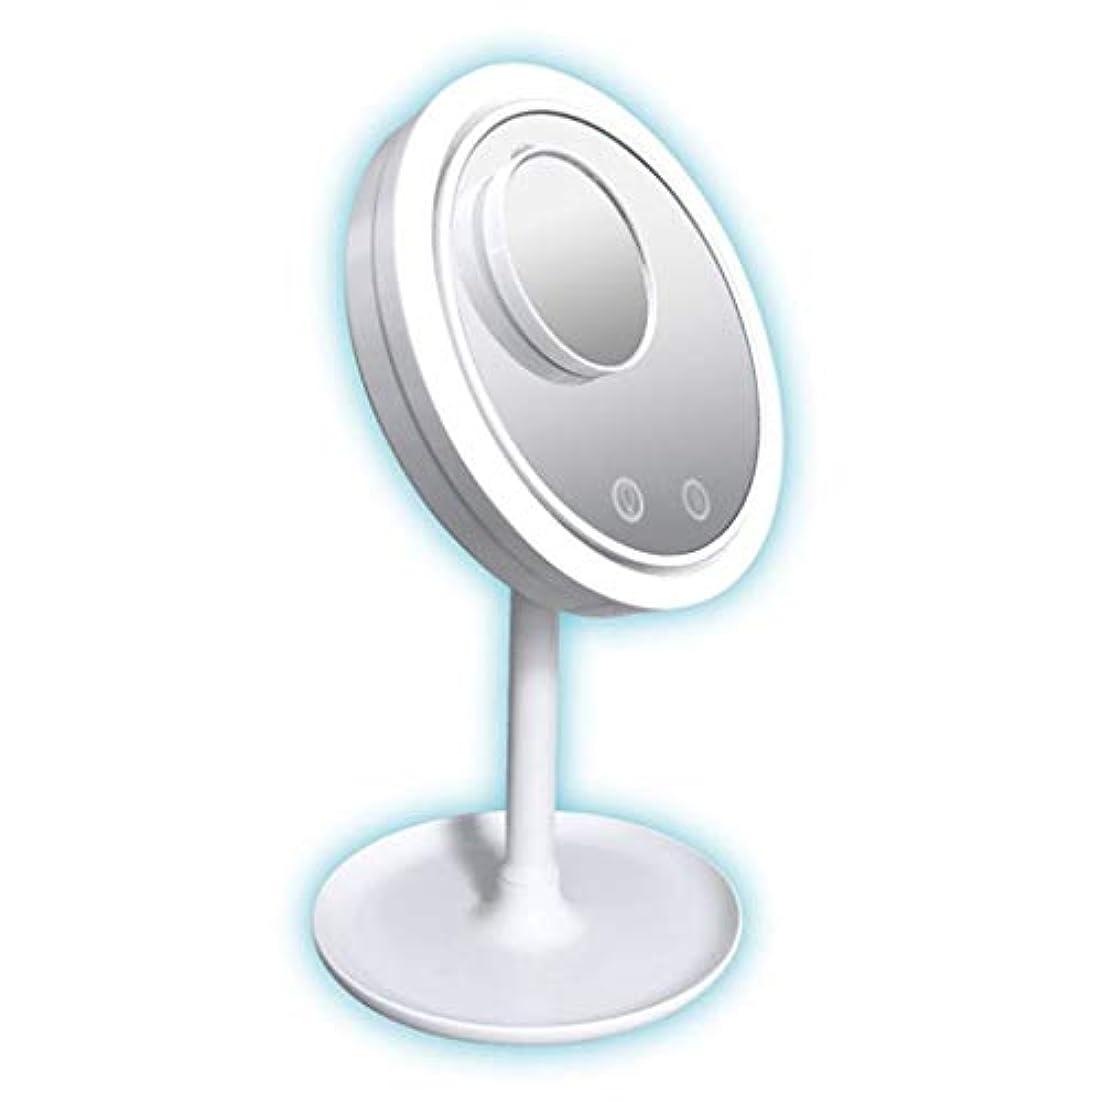 一般的に悲しい教育学卓上ミラー 化粧鏡 ファン付きの化粧鏡化粧鏡ファン付きのスリーインワン照明付きミラー 5倍拡大鏡 メイクミラー ラウンドミラー 360°回転ブラケット LED付き (ホワイト)